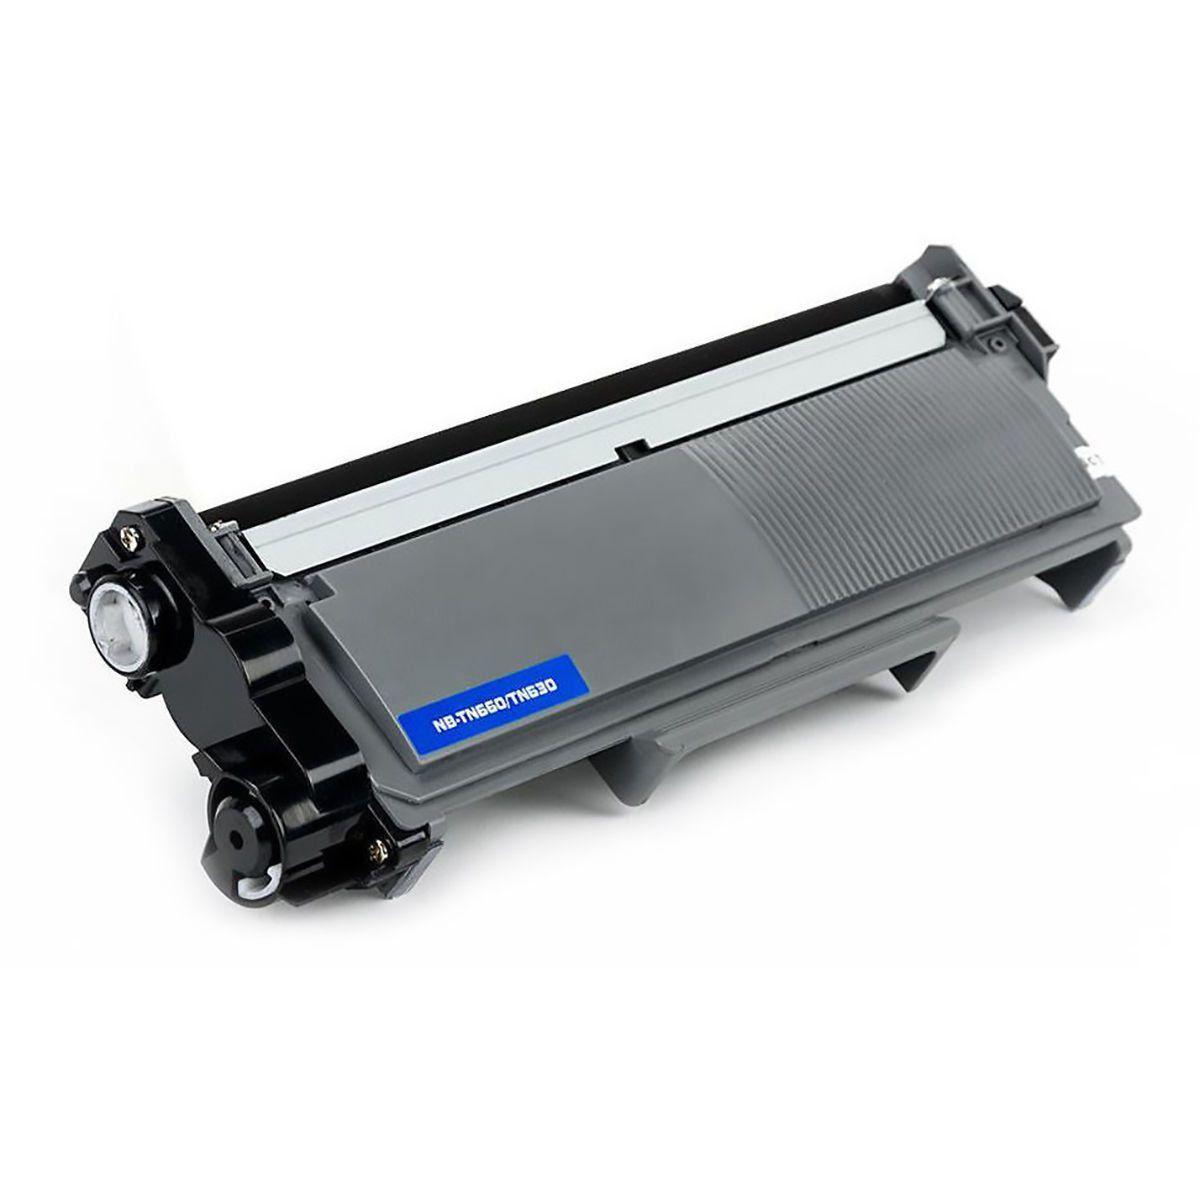 Compatível: Toner TN2340 TN2370 TN660 para Brother L2320 L2720 L2740 L2700 L2520 L2320d L2360dw L2540dw / Preto / 2.600